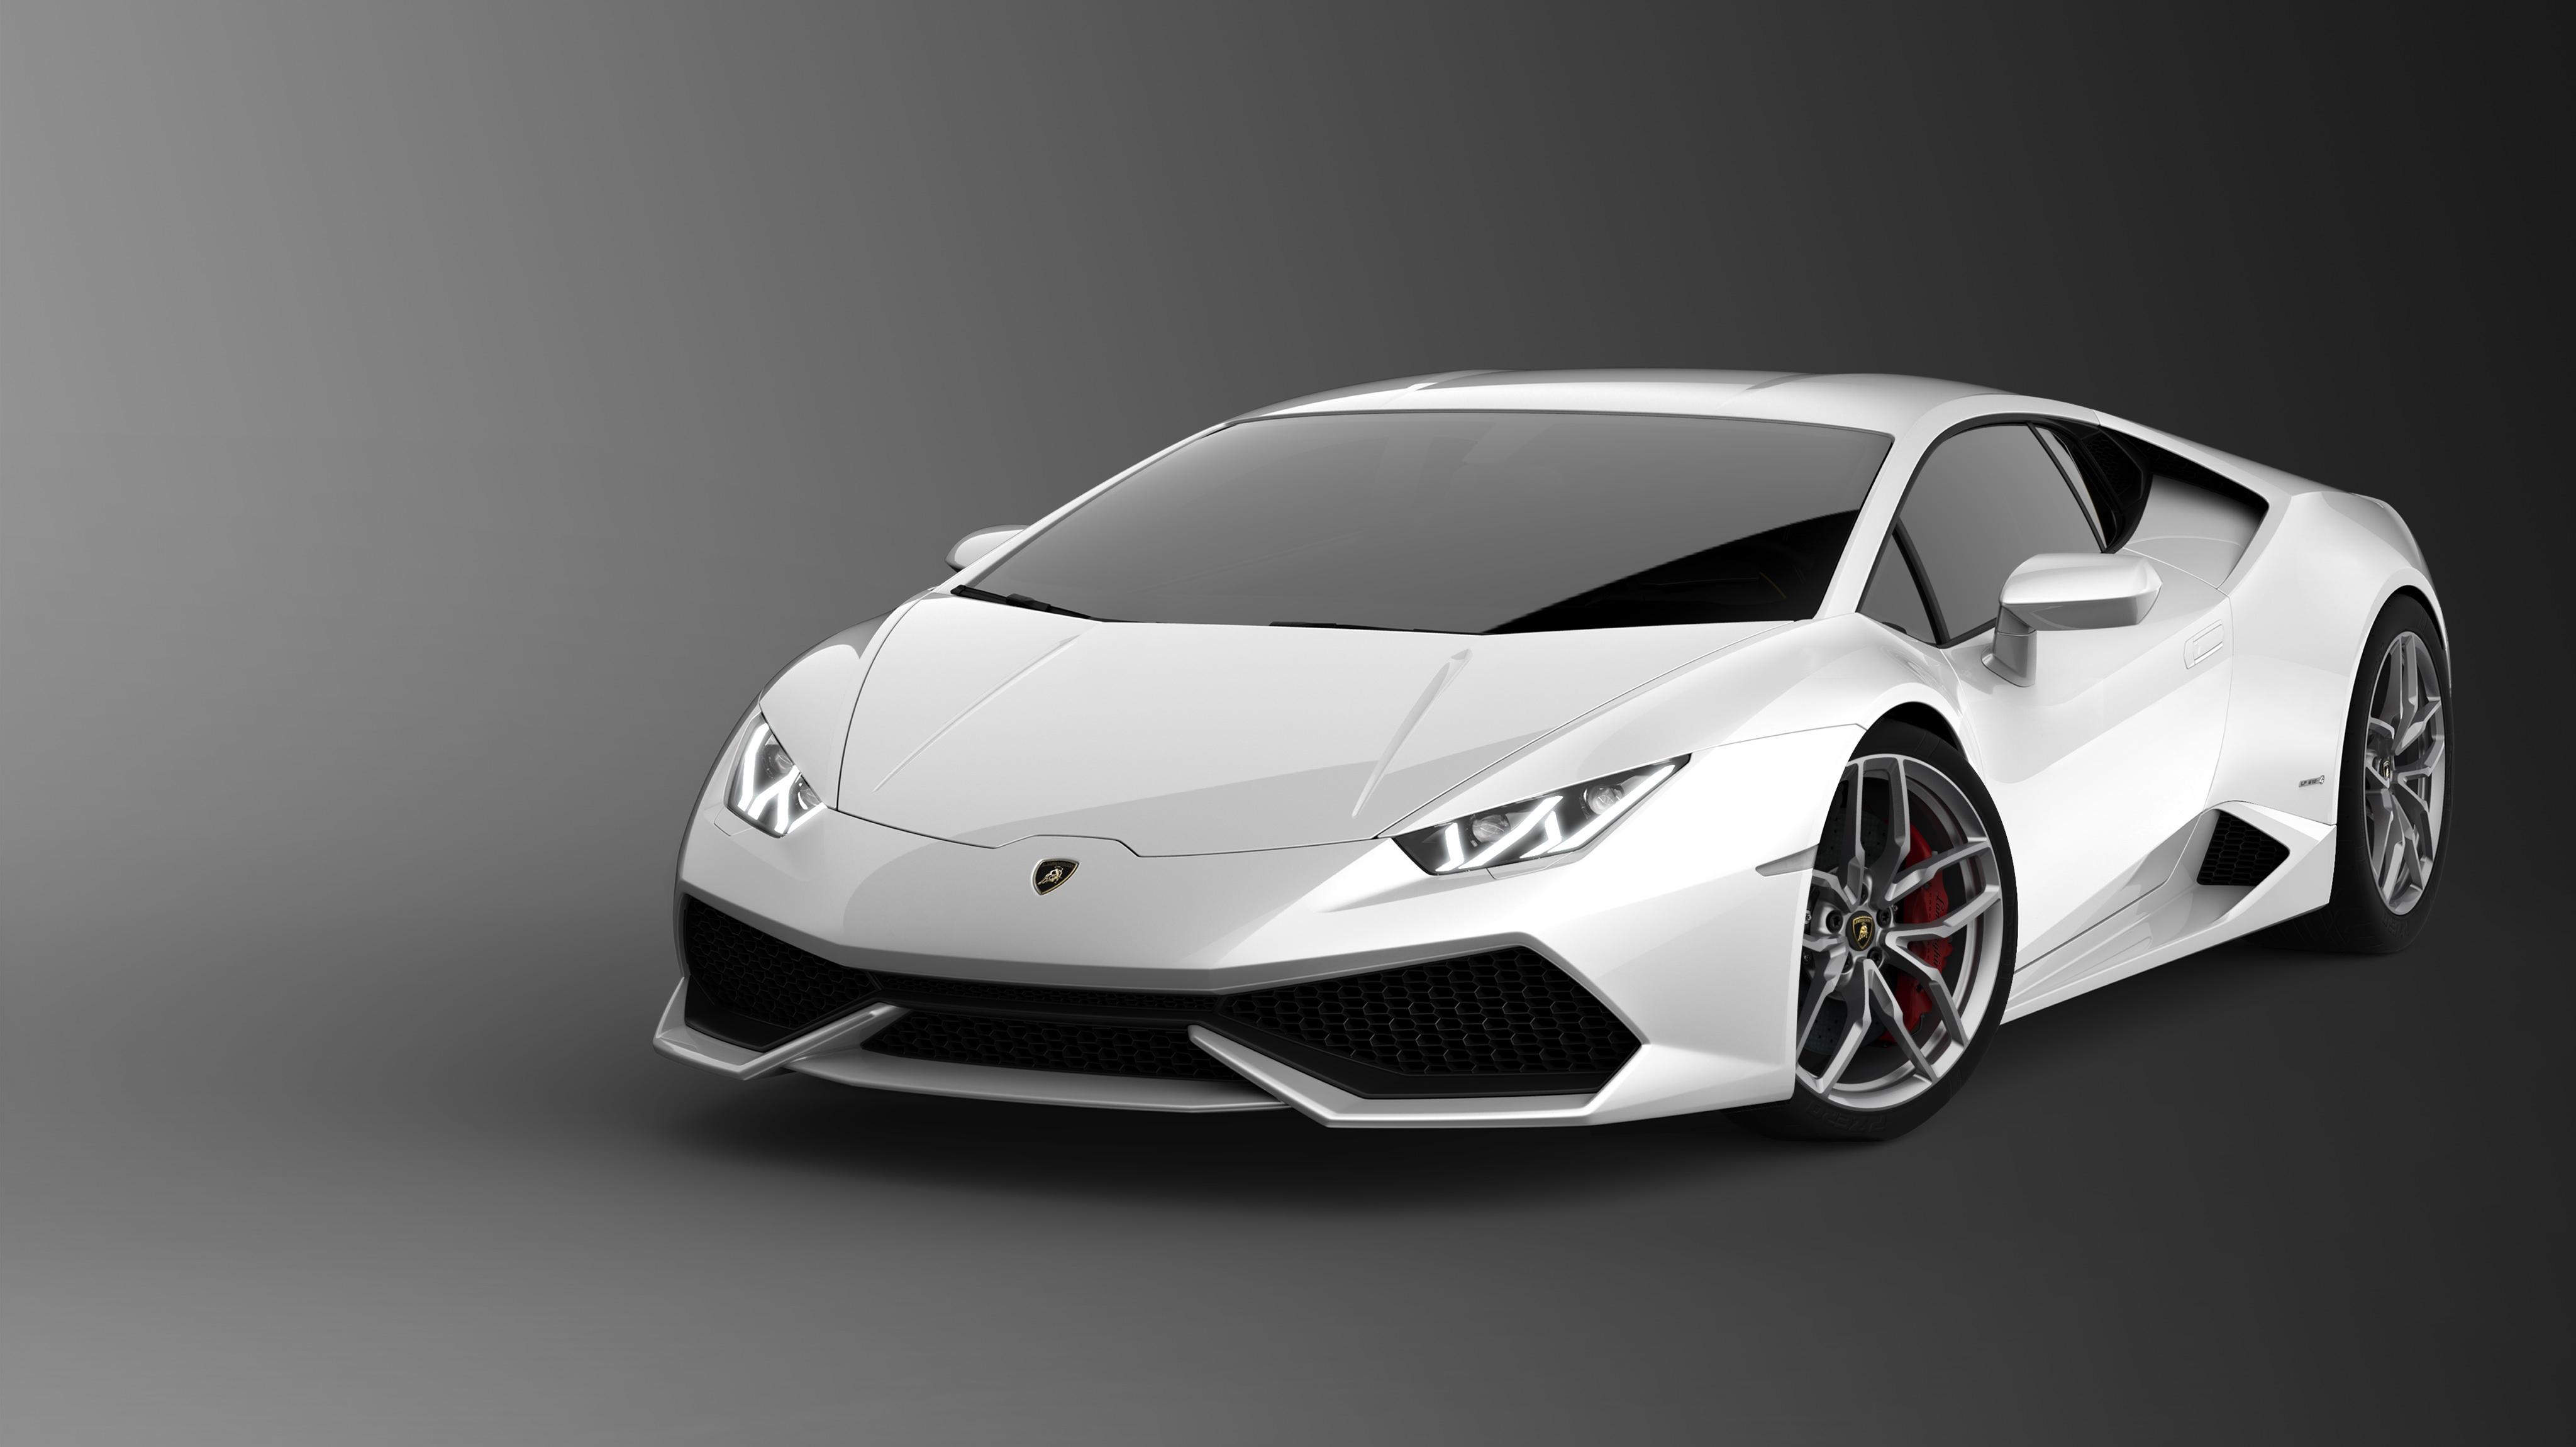 Helt ny sportsbil fra Lamborghini